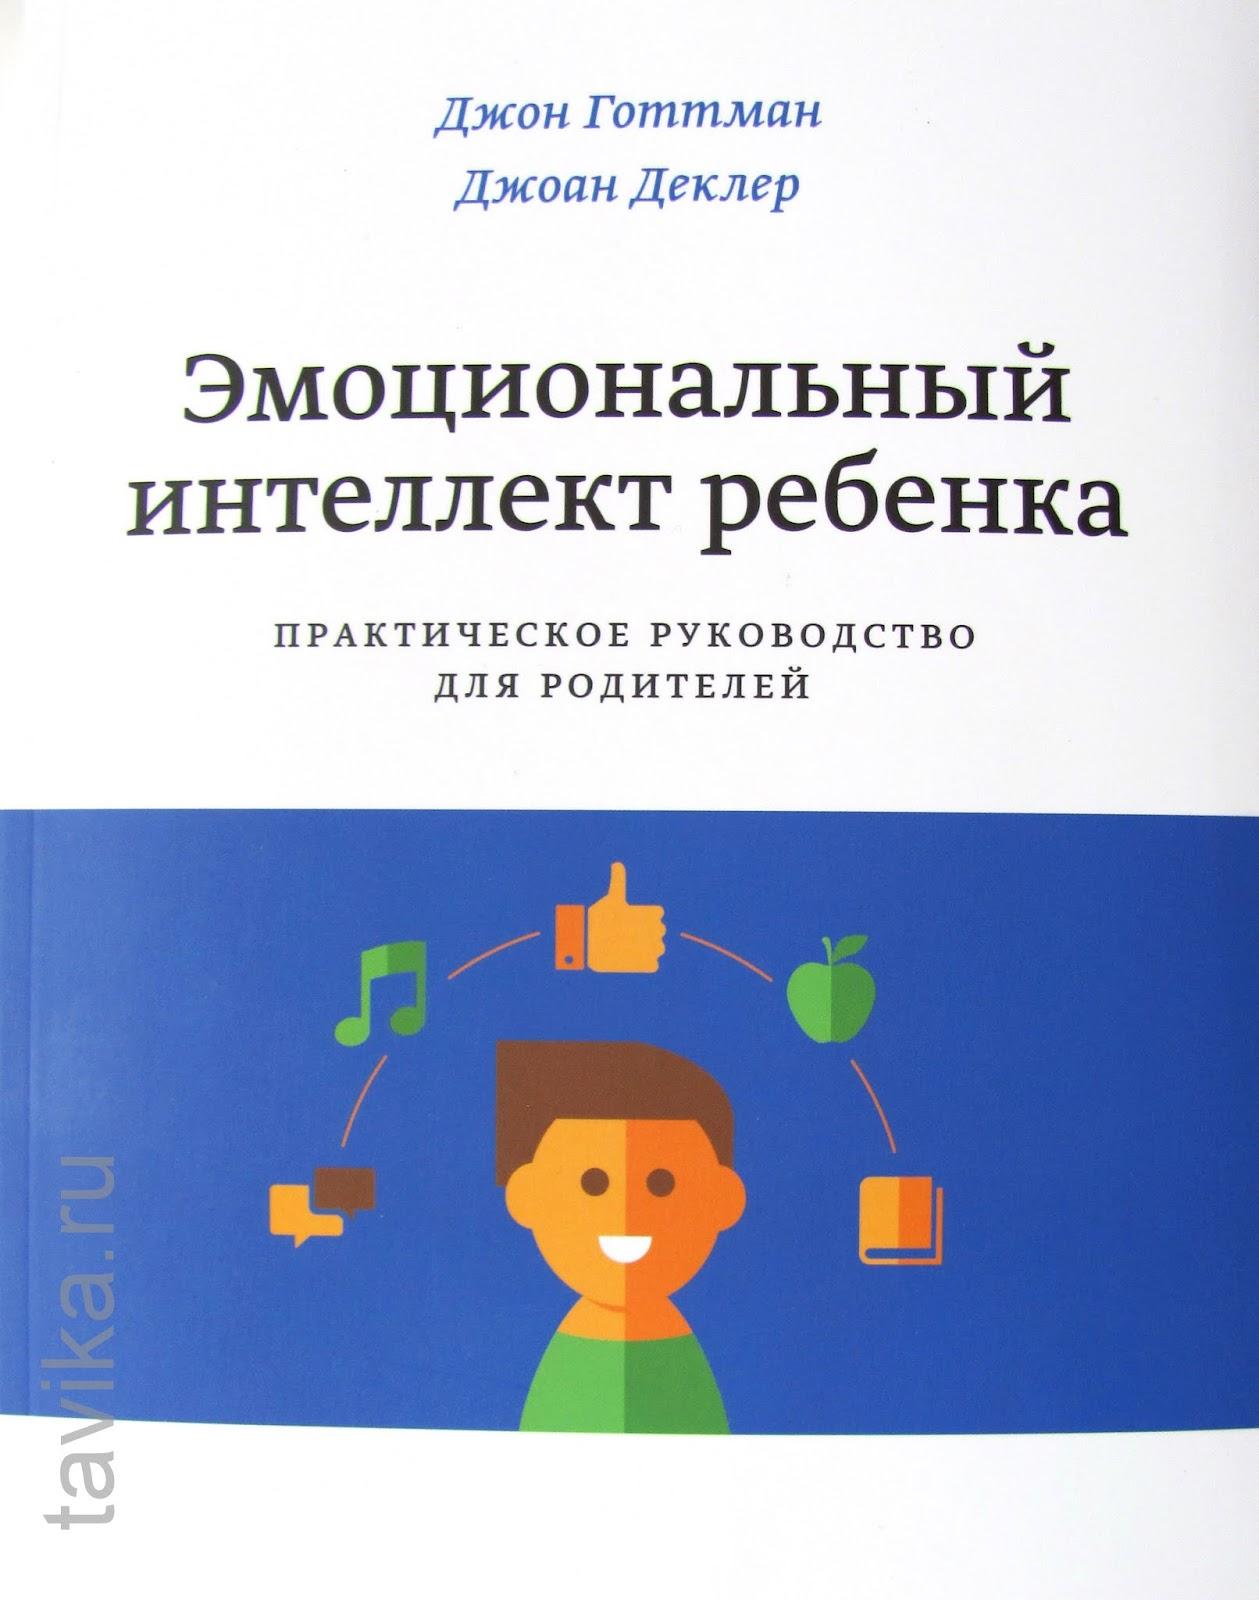 Эмоциональный интеллект ребенка. Изд. МИФ